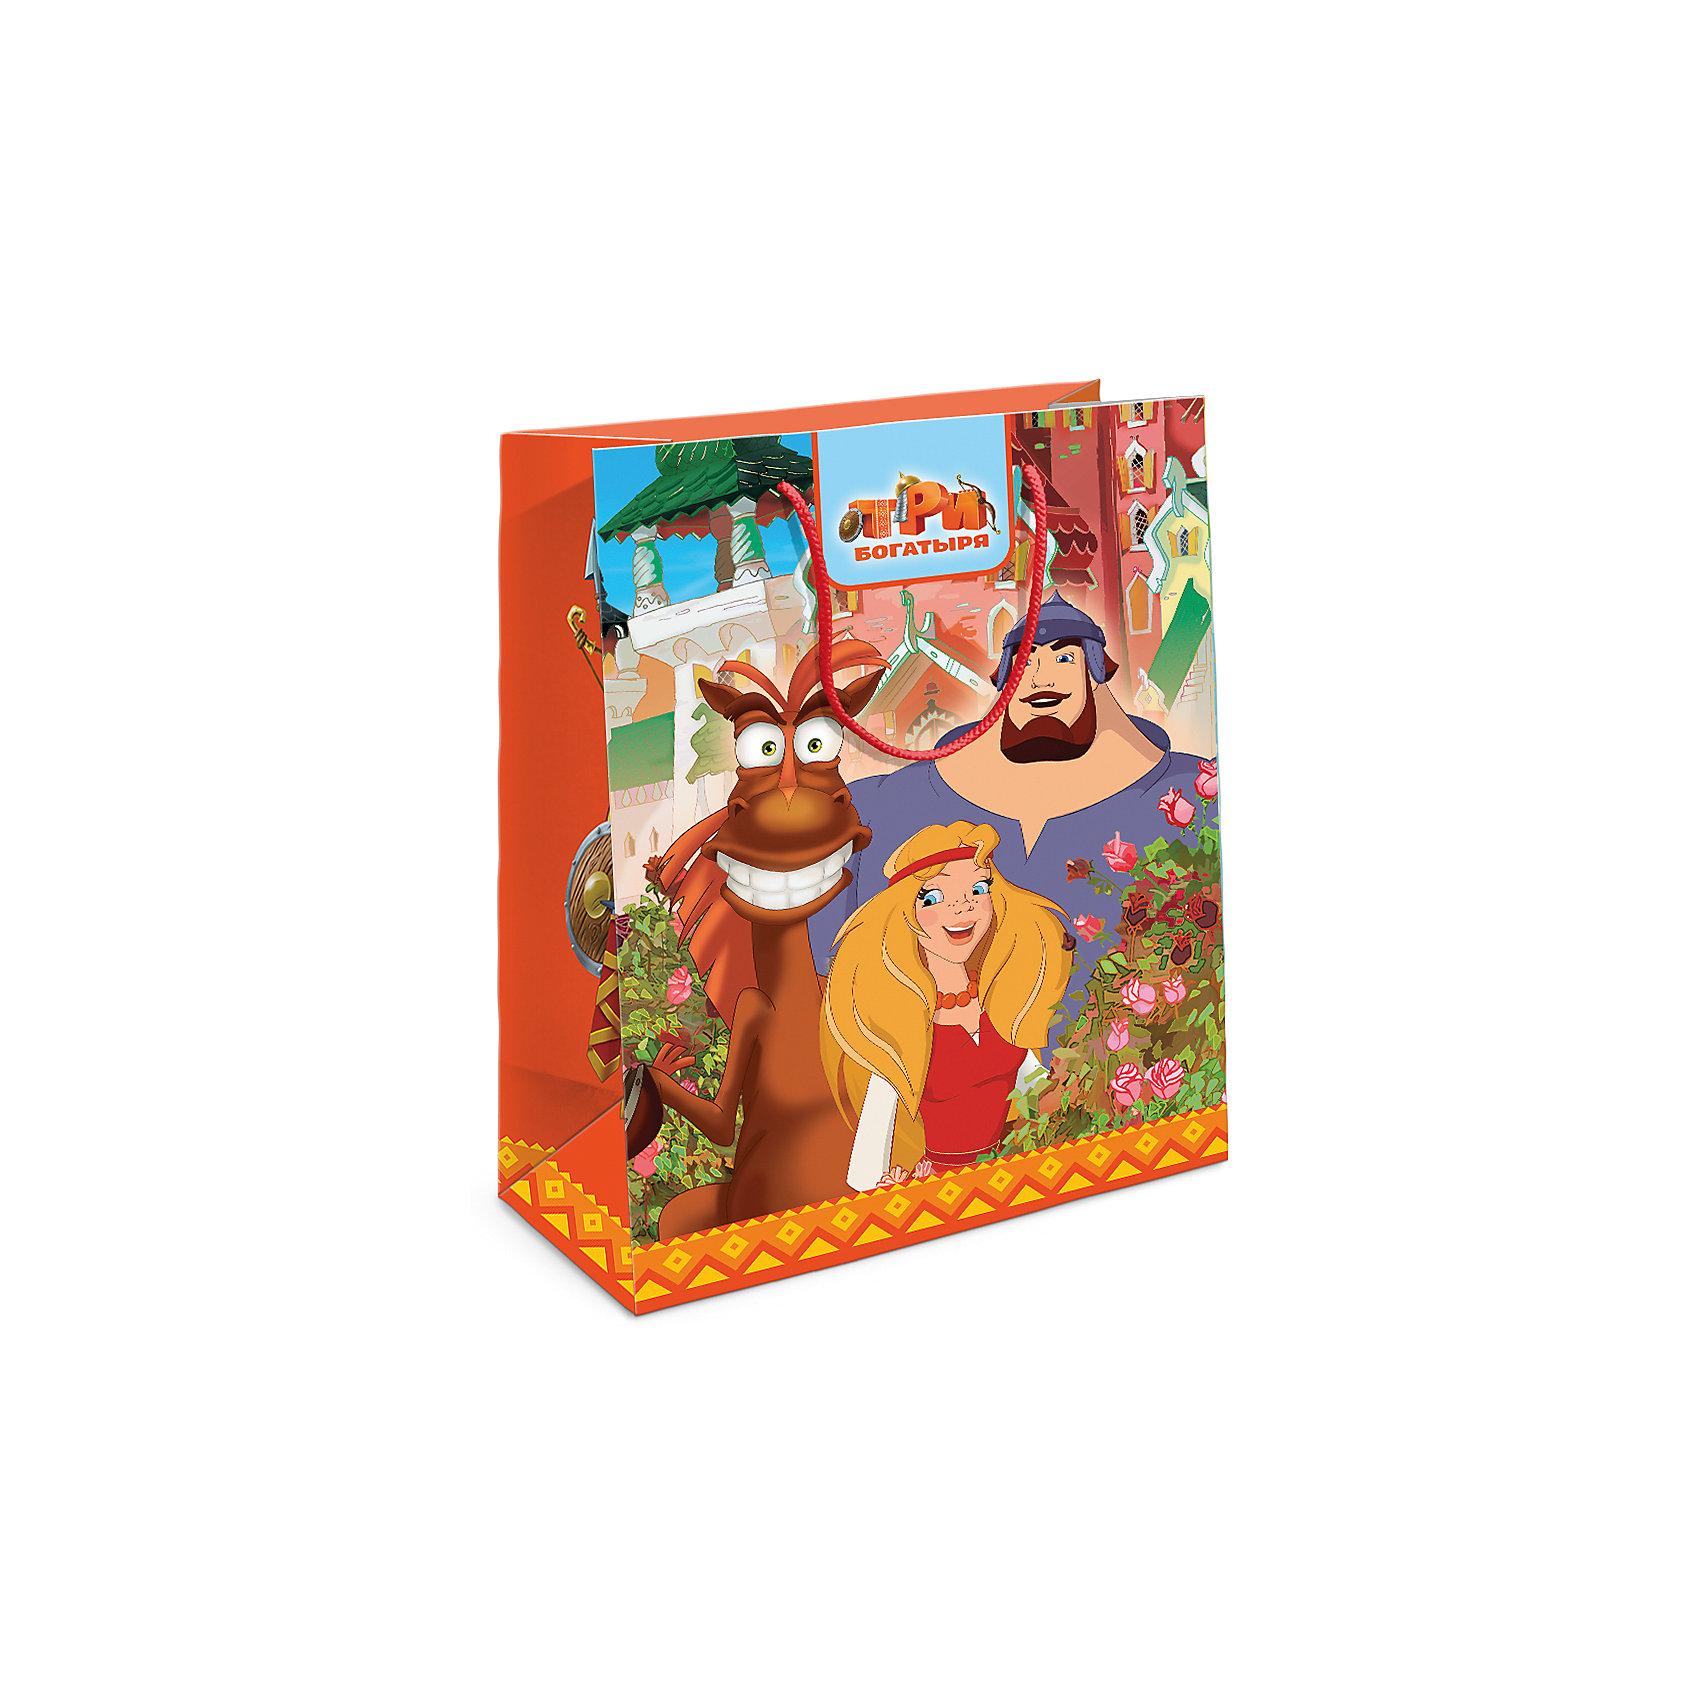 Пакет подарочный Три богатыря 230*180*100Всё для праздника<br>Подарочный бумажный пакет с незабываемыми героями мультфильма «Три богатыря» ярко украсит подарок и еще больше поднимет праздничное настроение виновнику торжества. Размер: 23х18х10 см. В ассортименте вы также сможете найти такой же пакет размером 35х25х9 см.<br><br>Ширина мм: 230<br>Глубина мм: 180<br>Высота мм: 5<br>Вес г: 39<br>Возраст от месяцев: 36<br>Возраст до месяцев: 120<br>Пол: Унисекс<br>Возраст: Детский<br>SKU: 5016440